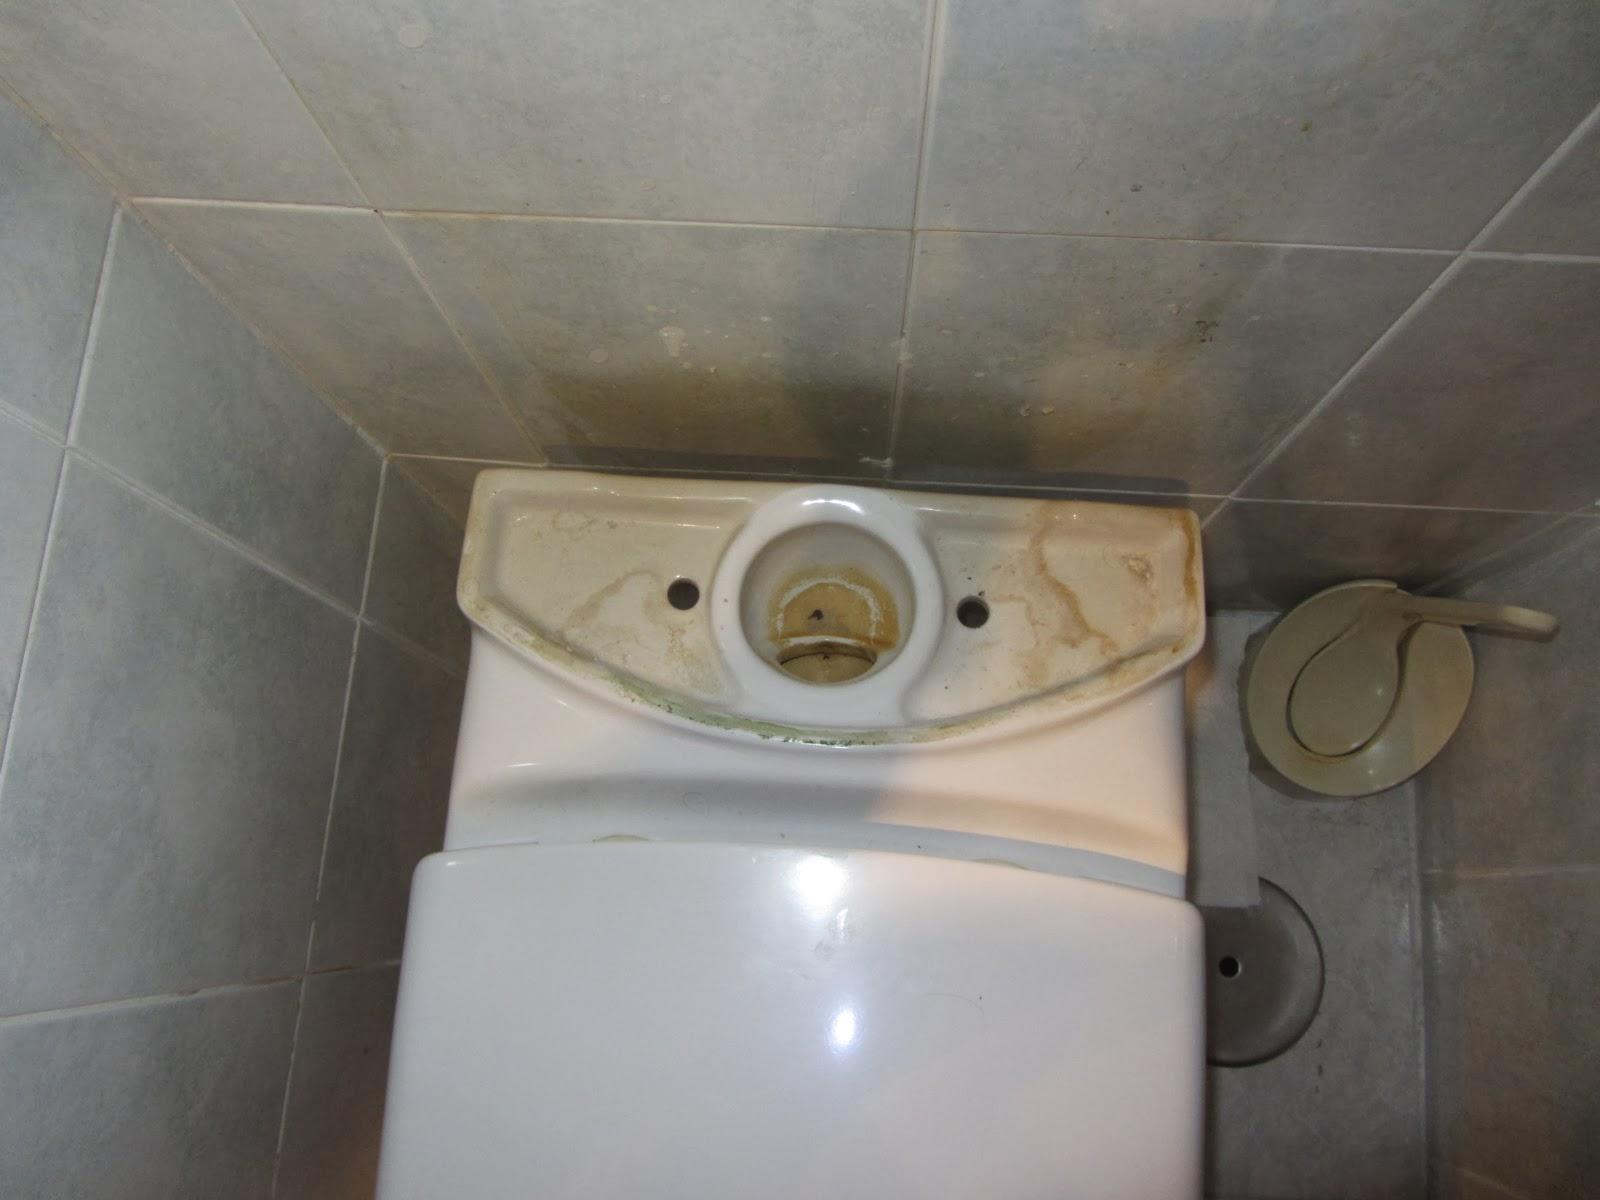 Cisterna que pierde agua stunning com anuncios de for Reparar cisterna wc